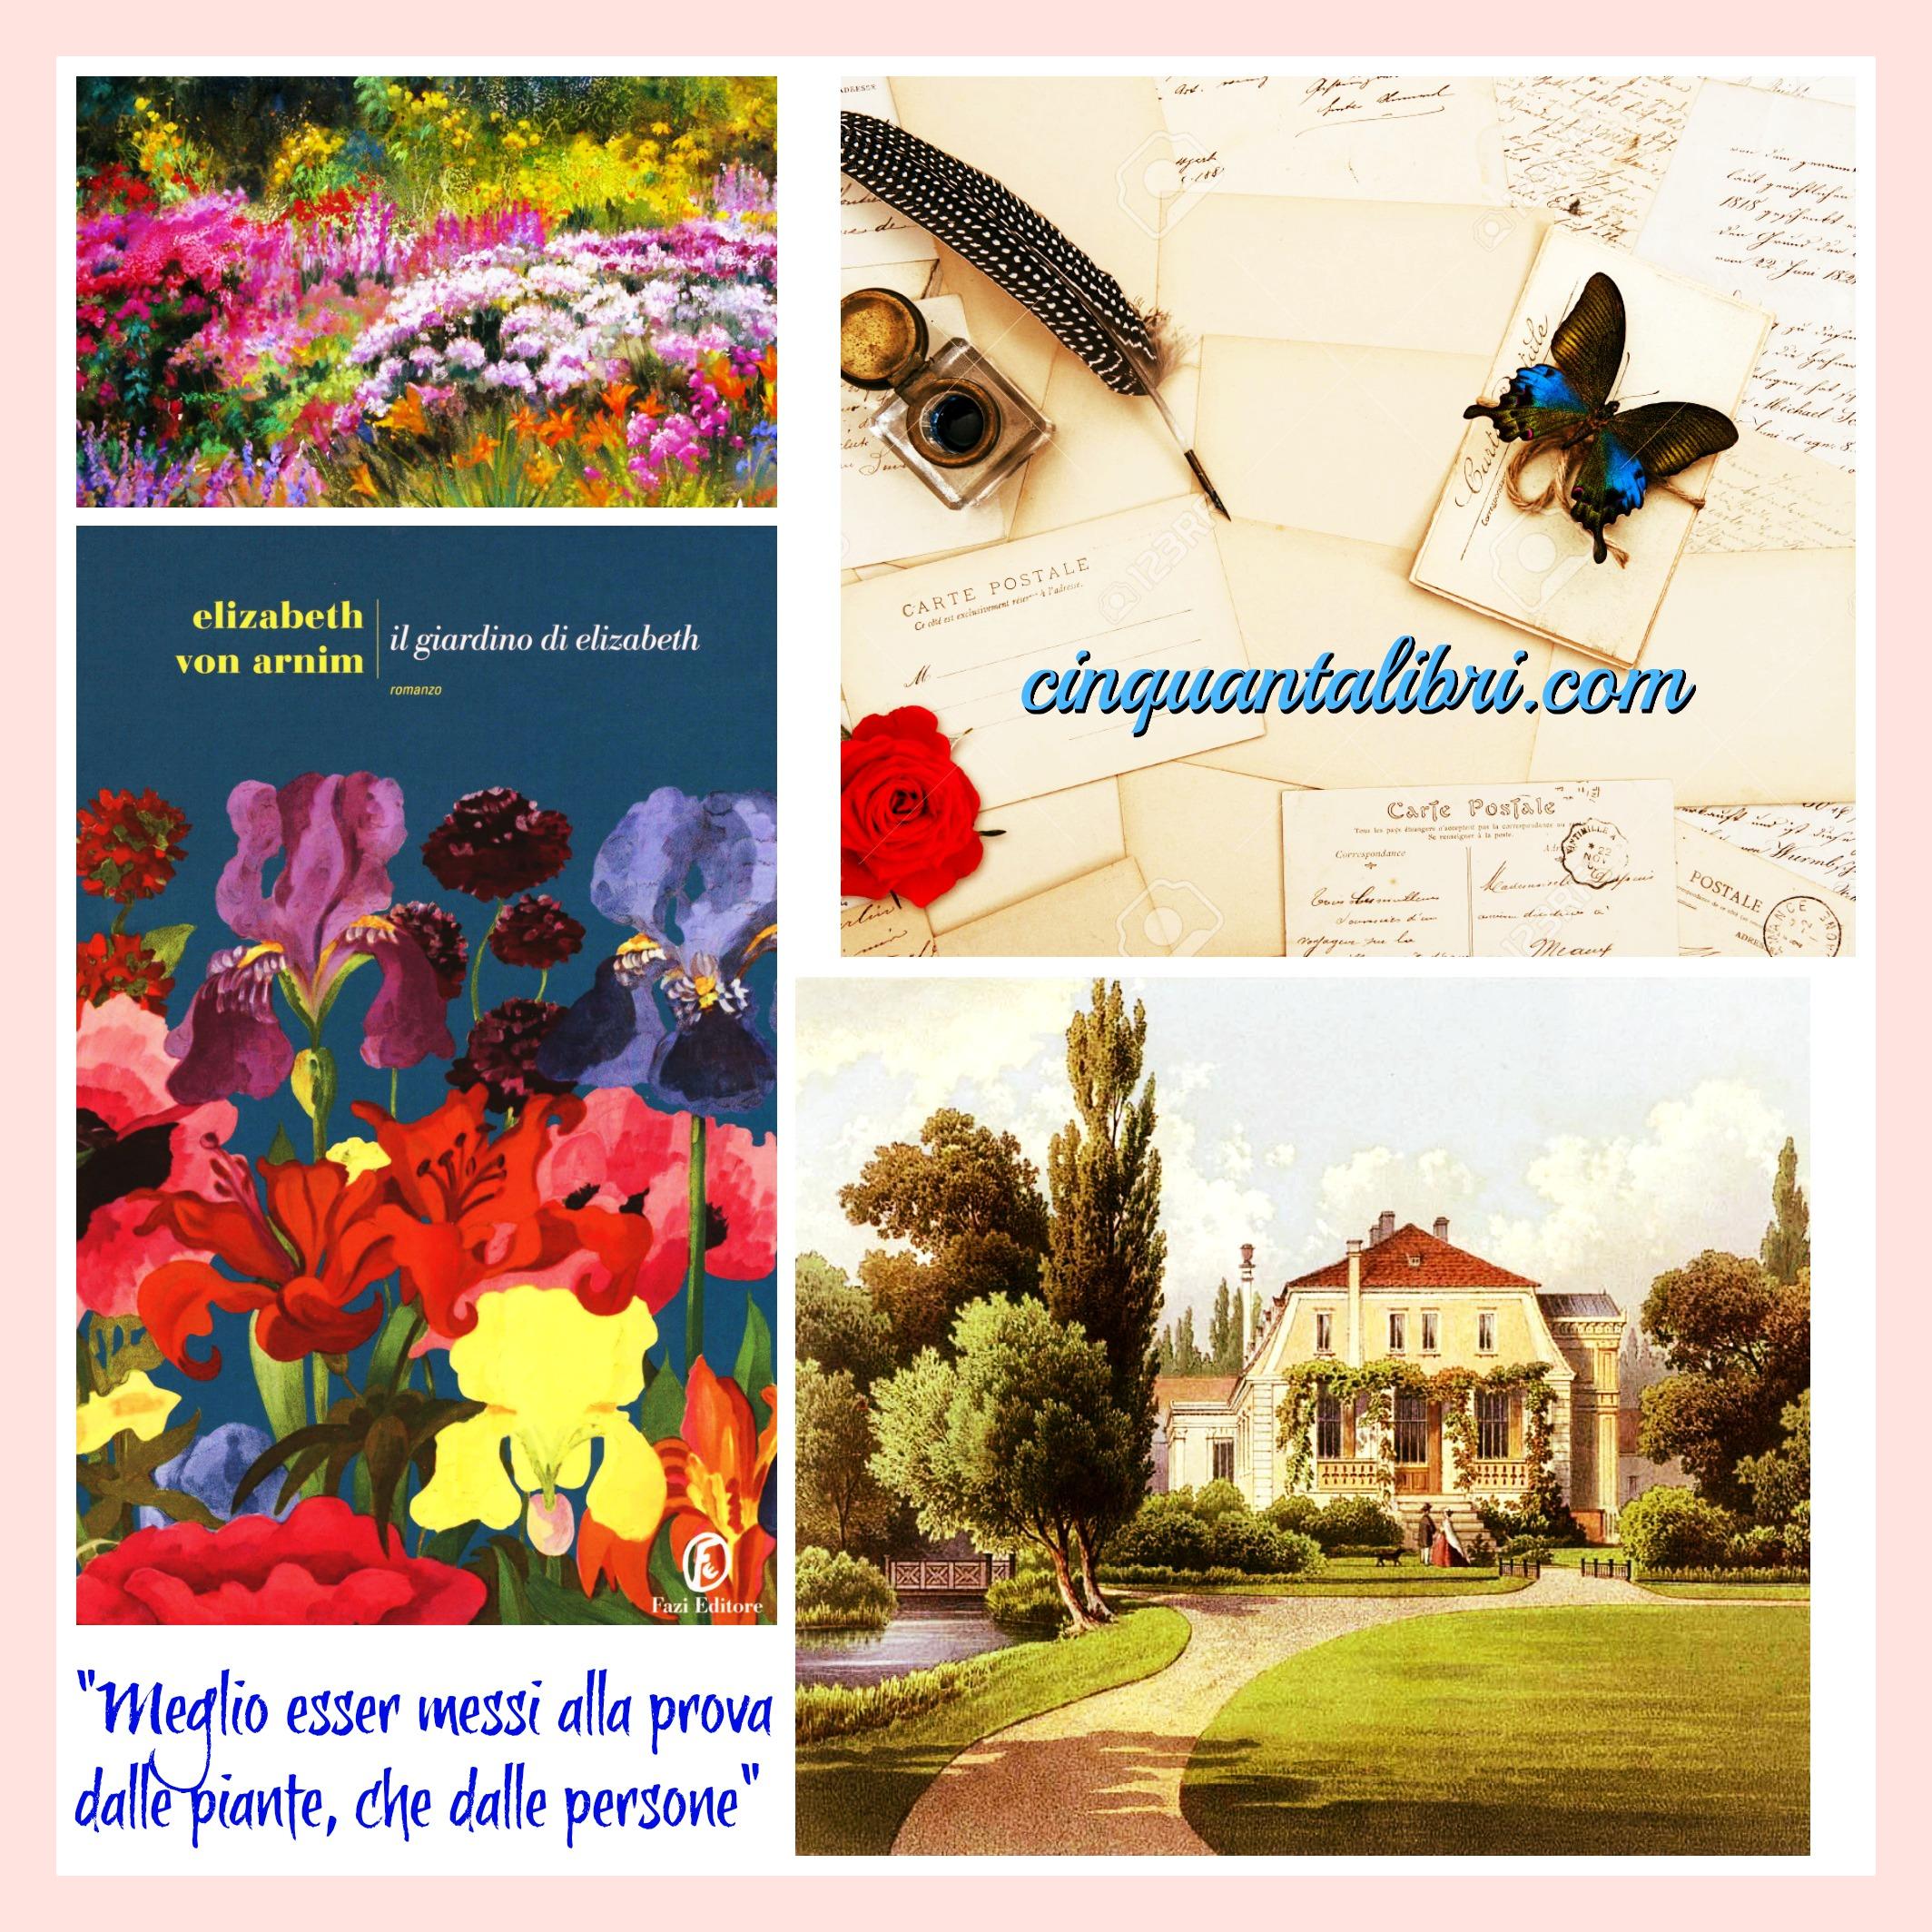 Il giardino di elizabeth elizabeth von arnim recensione elizabethvonarnim 50 libri in un anno - Il giardino di elizabeth ...